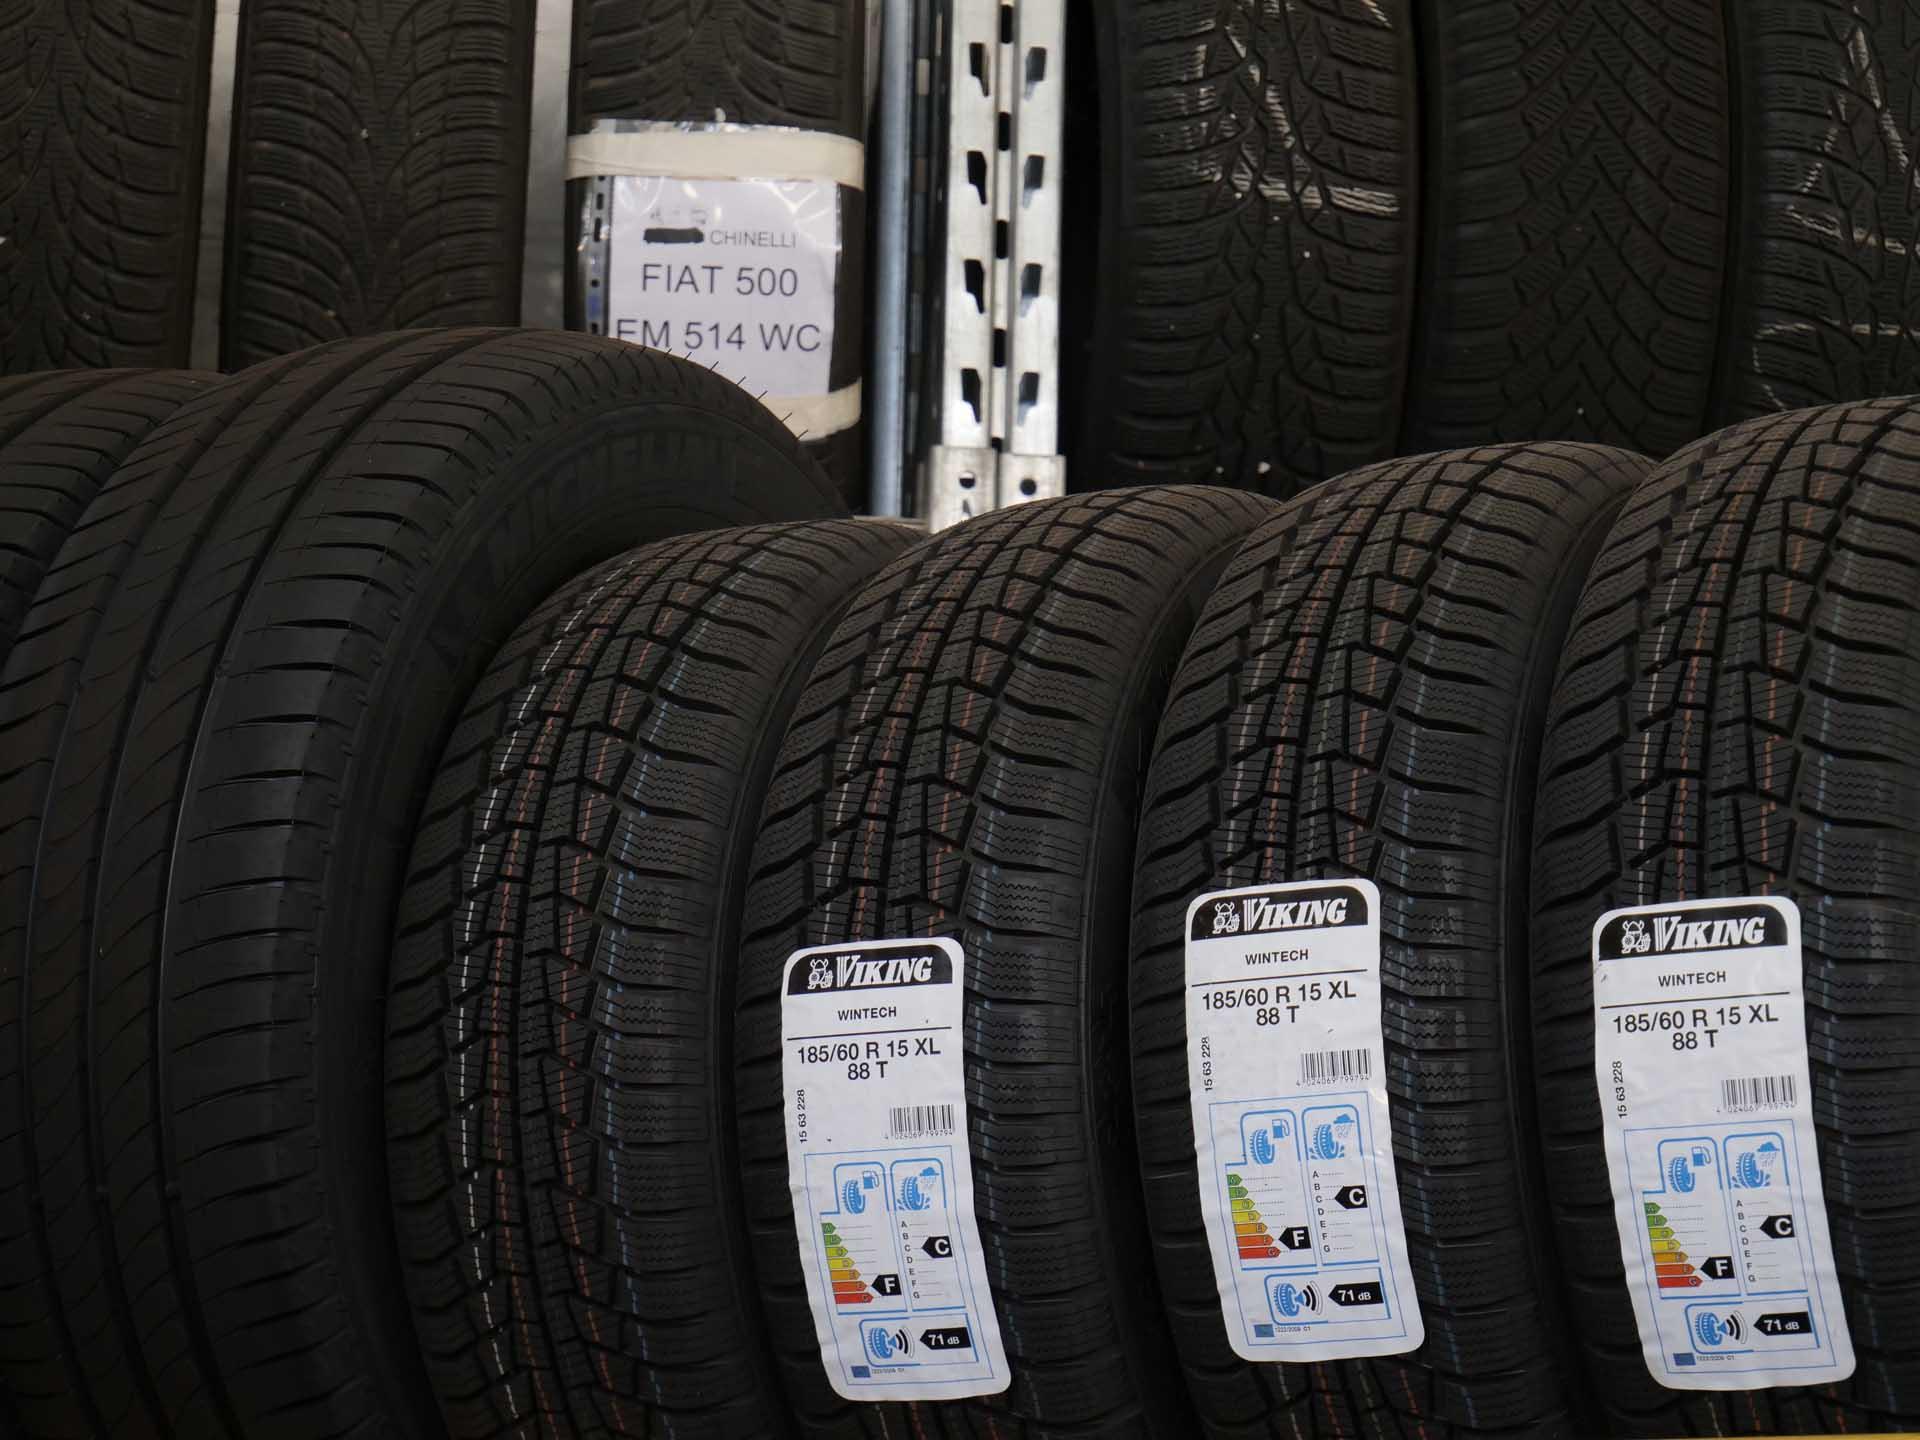 Servizio di deposito pneumatici Autofficina Fabris